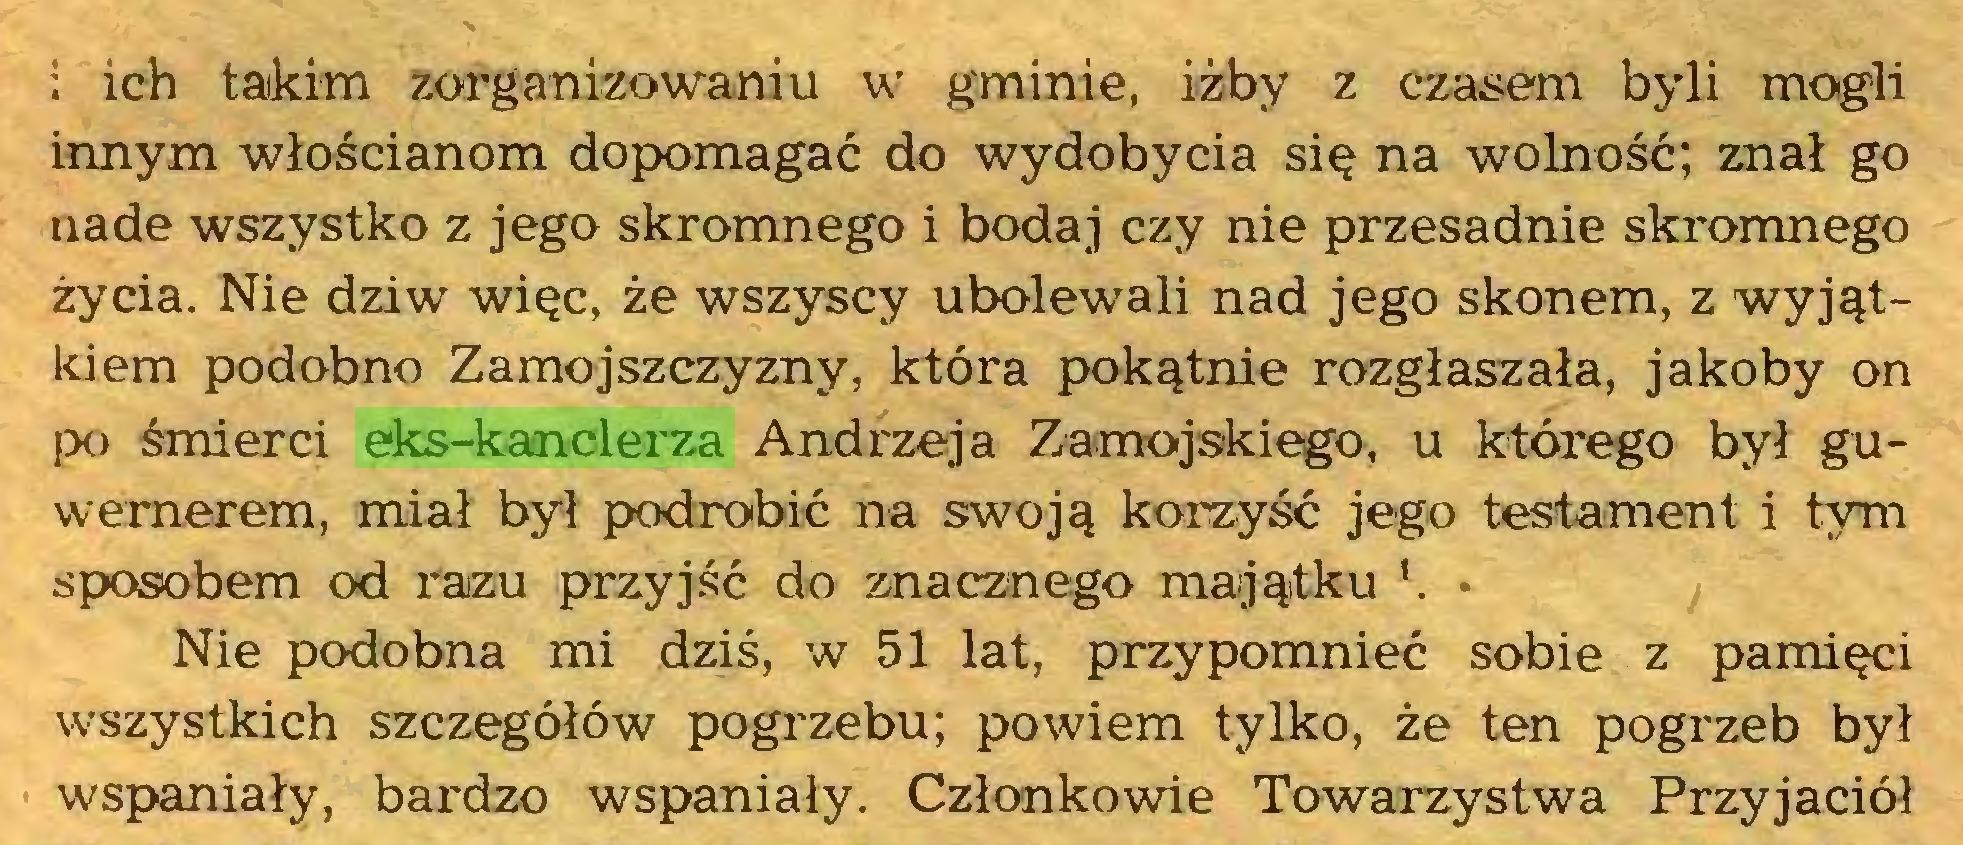 (...) i ich taikim zorganizowaniu w gminie, iżby z czasem byli mogli innym włościanom dopomagać do wydobycia się na wolność; znał go nade wszystko z jego skromnego i bodaj czy nie przesadnie skromnego życia. Nie dziw więc, że wszyscy ubolewali nad jego skonem, z wyjątkiem podobno Zamojszczyzny, która pokątnie rozgłaszała, jakoby on po śmierci eks-kanclerza Andrzeja Zamojskiego, u którego był guwernerem, miał był podrobić na swoją korzyść jego testament i tym sposobem od razu przyjść do znacznego majątku '. • Nie podobna mi dziś, w 51 lat, przypomnieć sobie z pamięci wszystkich szczegółów pogrzebu; powiem tylko, że ten pogrzeb był wspaniały, bardzo wspaniały. Członkowie Towarzystwa Przyjaciół...